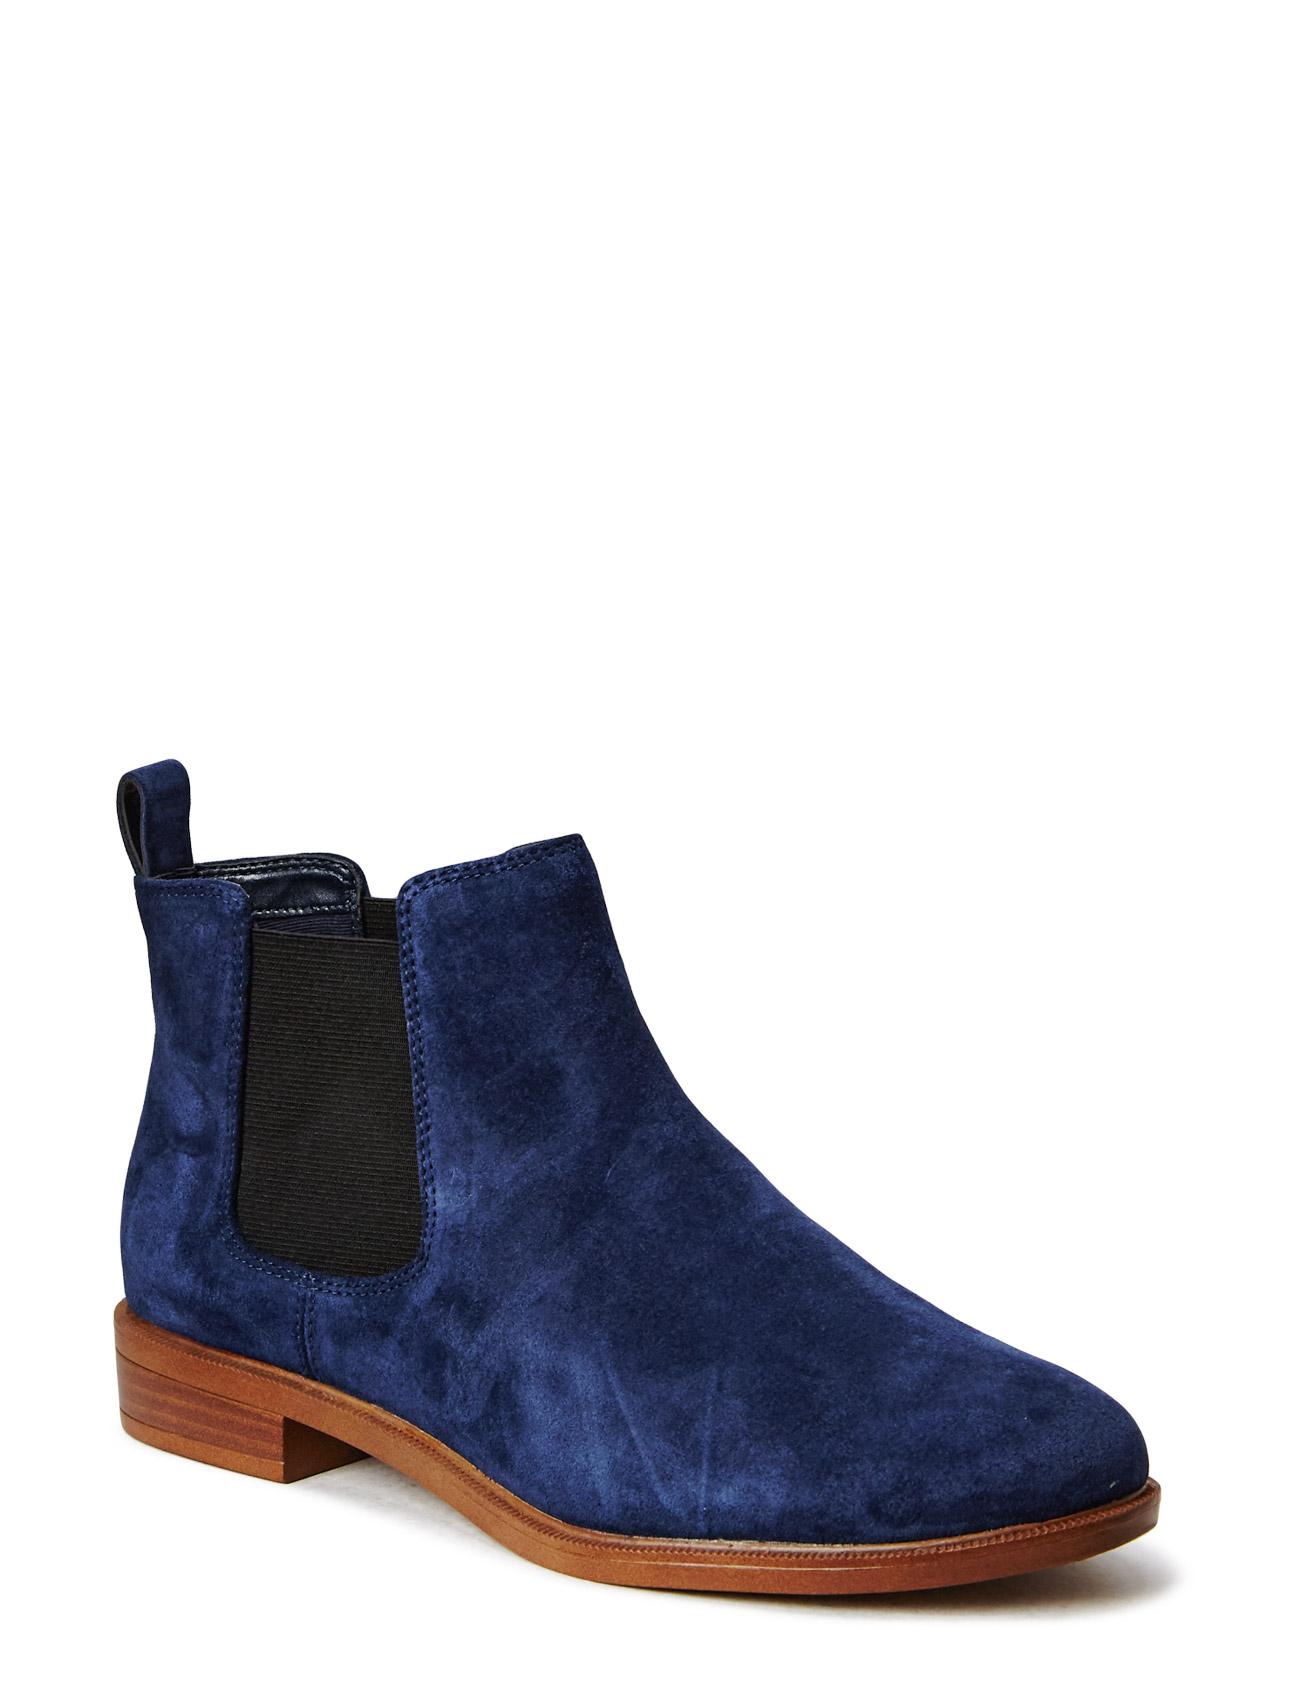 Taylor Shine Clarks Støvler til Damer i